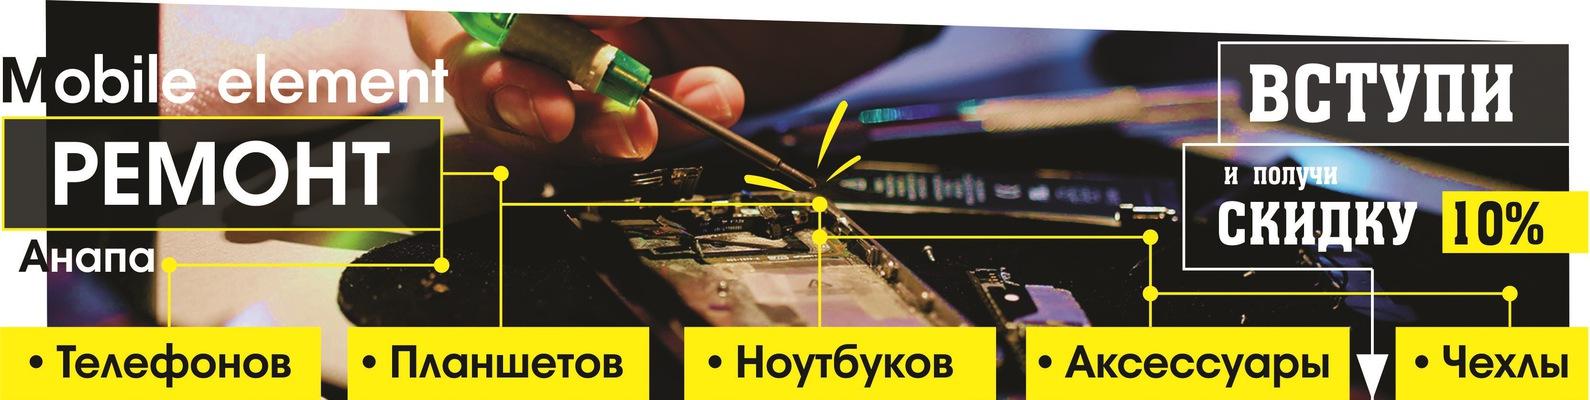 66b7b9b1af59 Ремонт телефонов Анапа   Mobile element   ВКонтакте